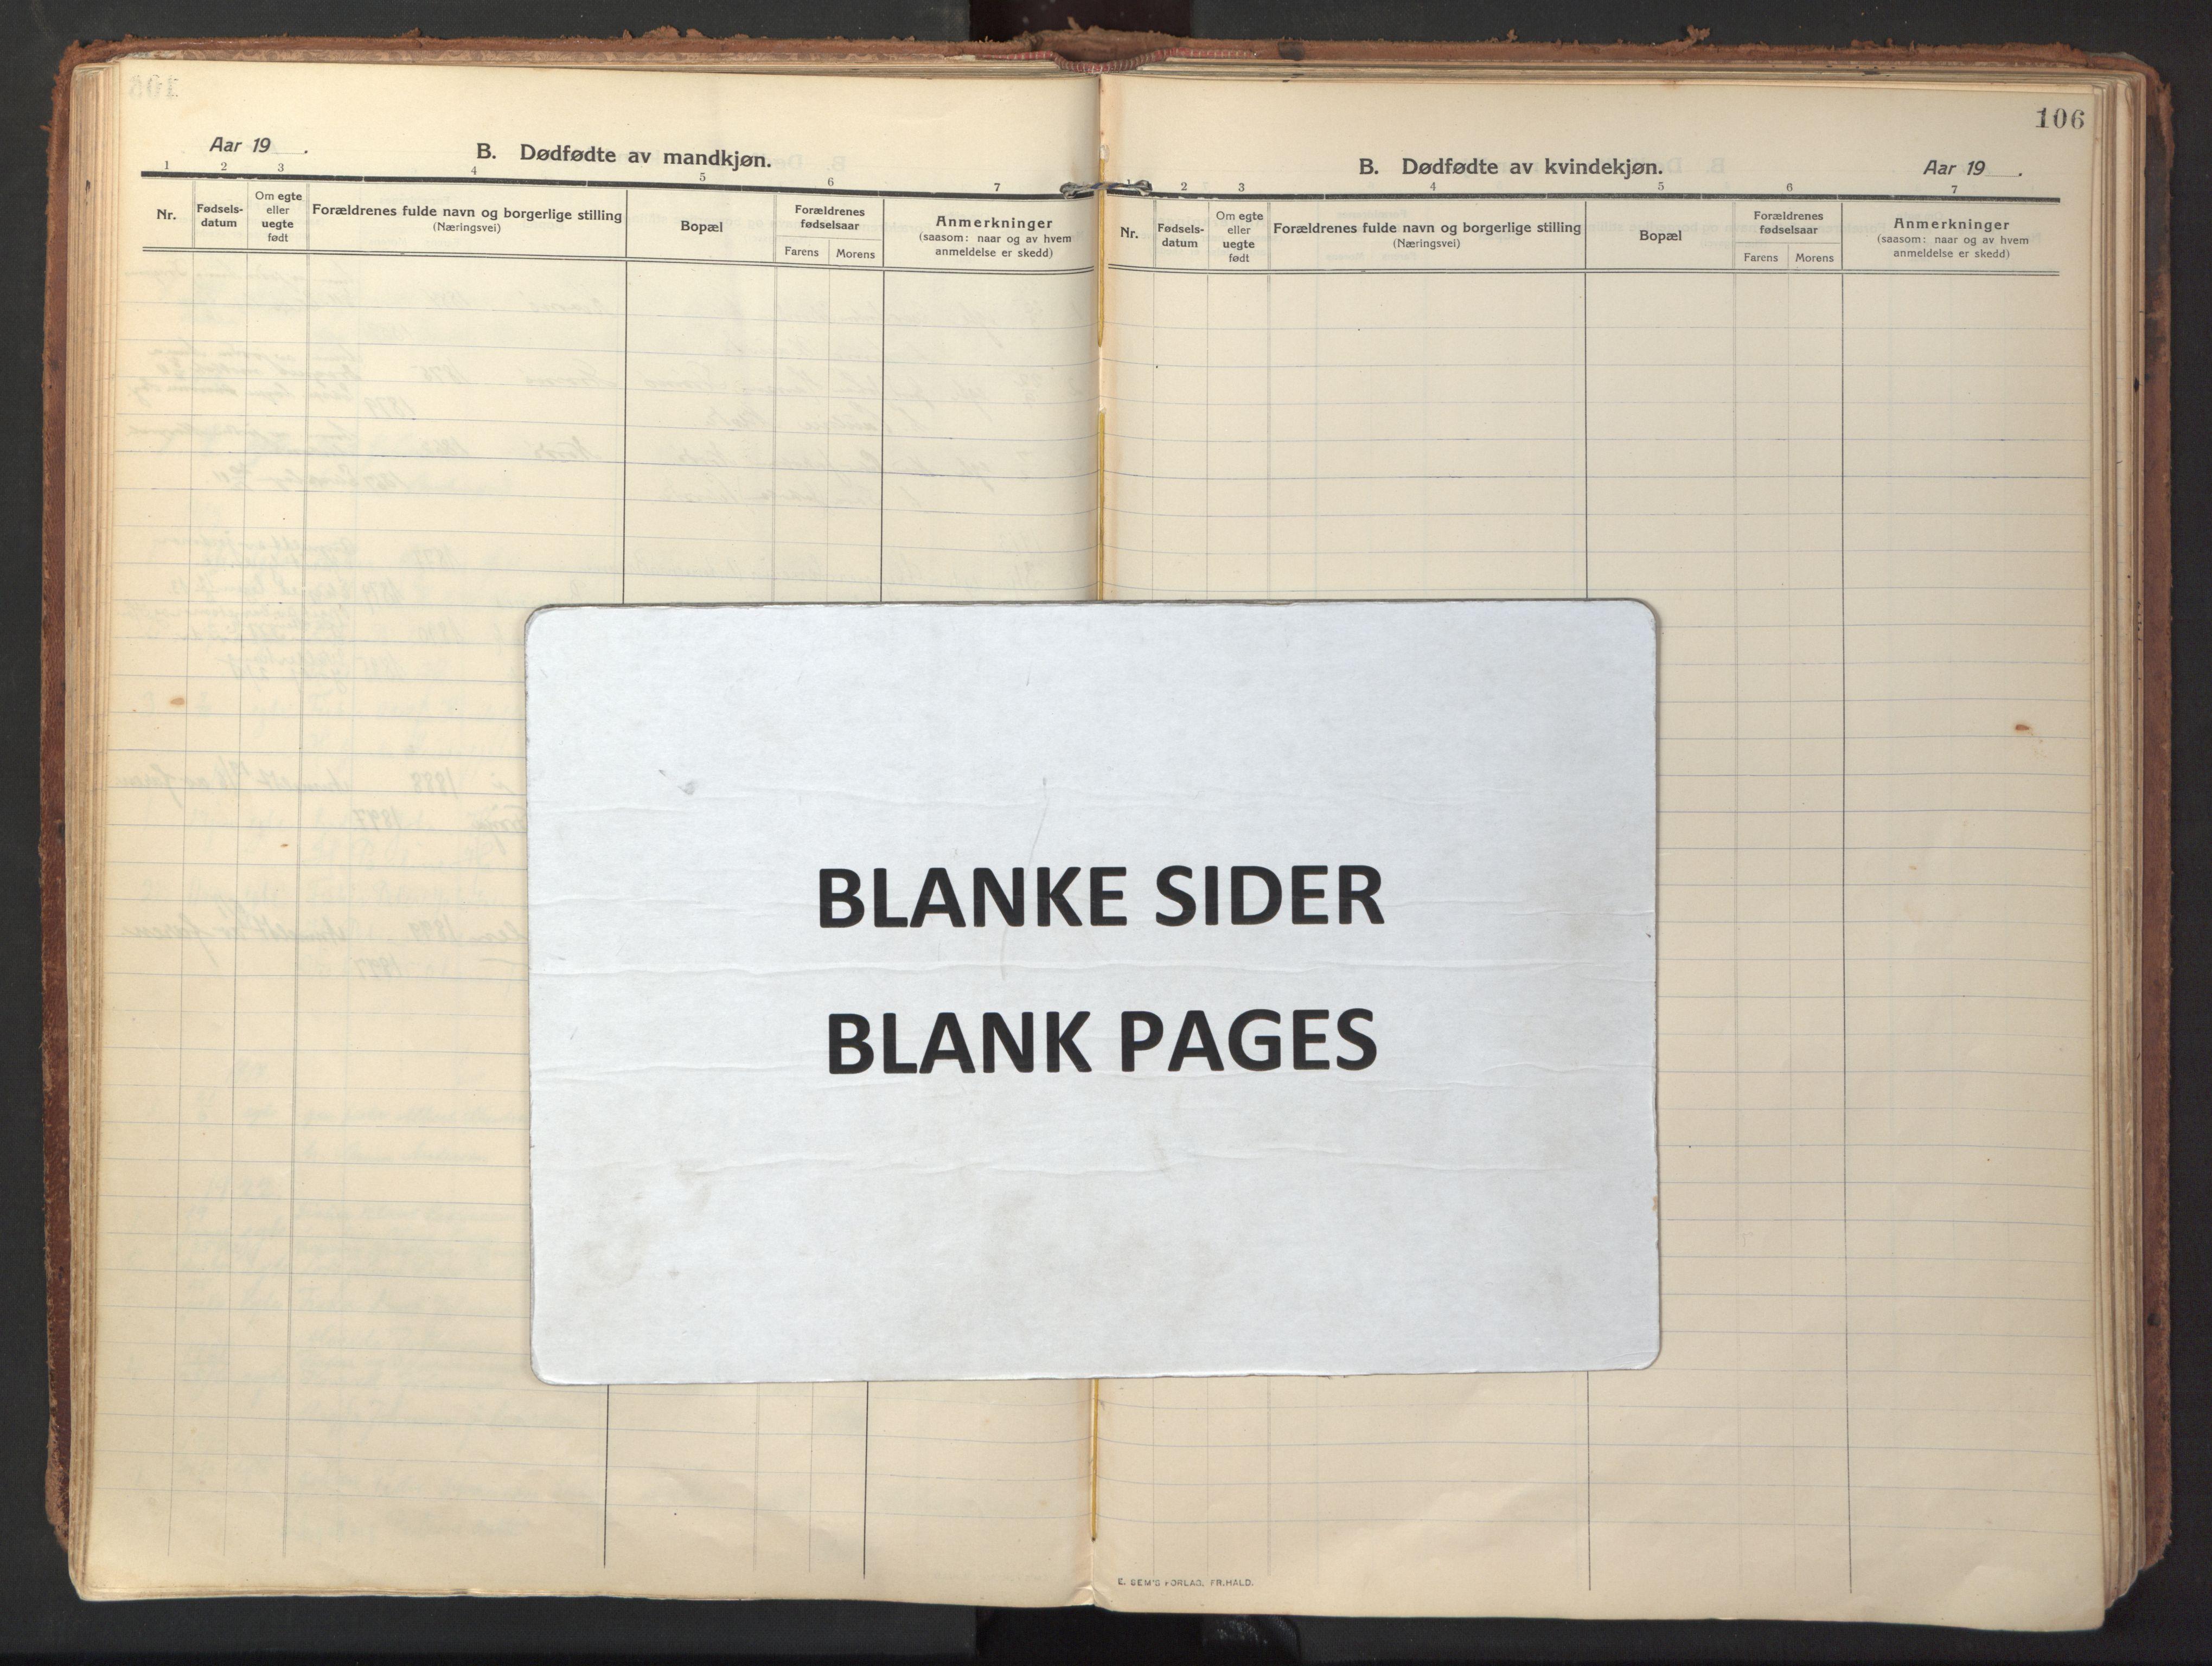 SAT, Ministerialprotokoller, klokkerbøker og fødselsregistre - Sør-Trøndelag, 640/L0581: Ministerialbok nr. 640A06, 1910-1924, s. 106